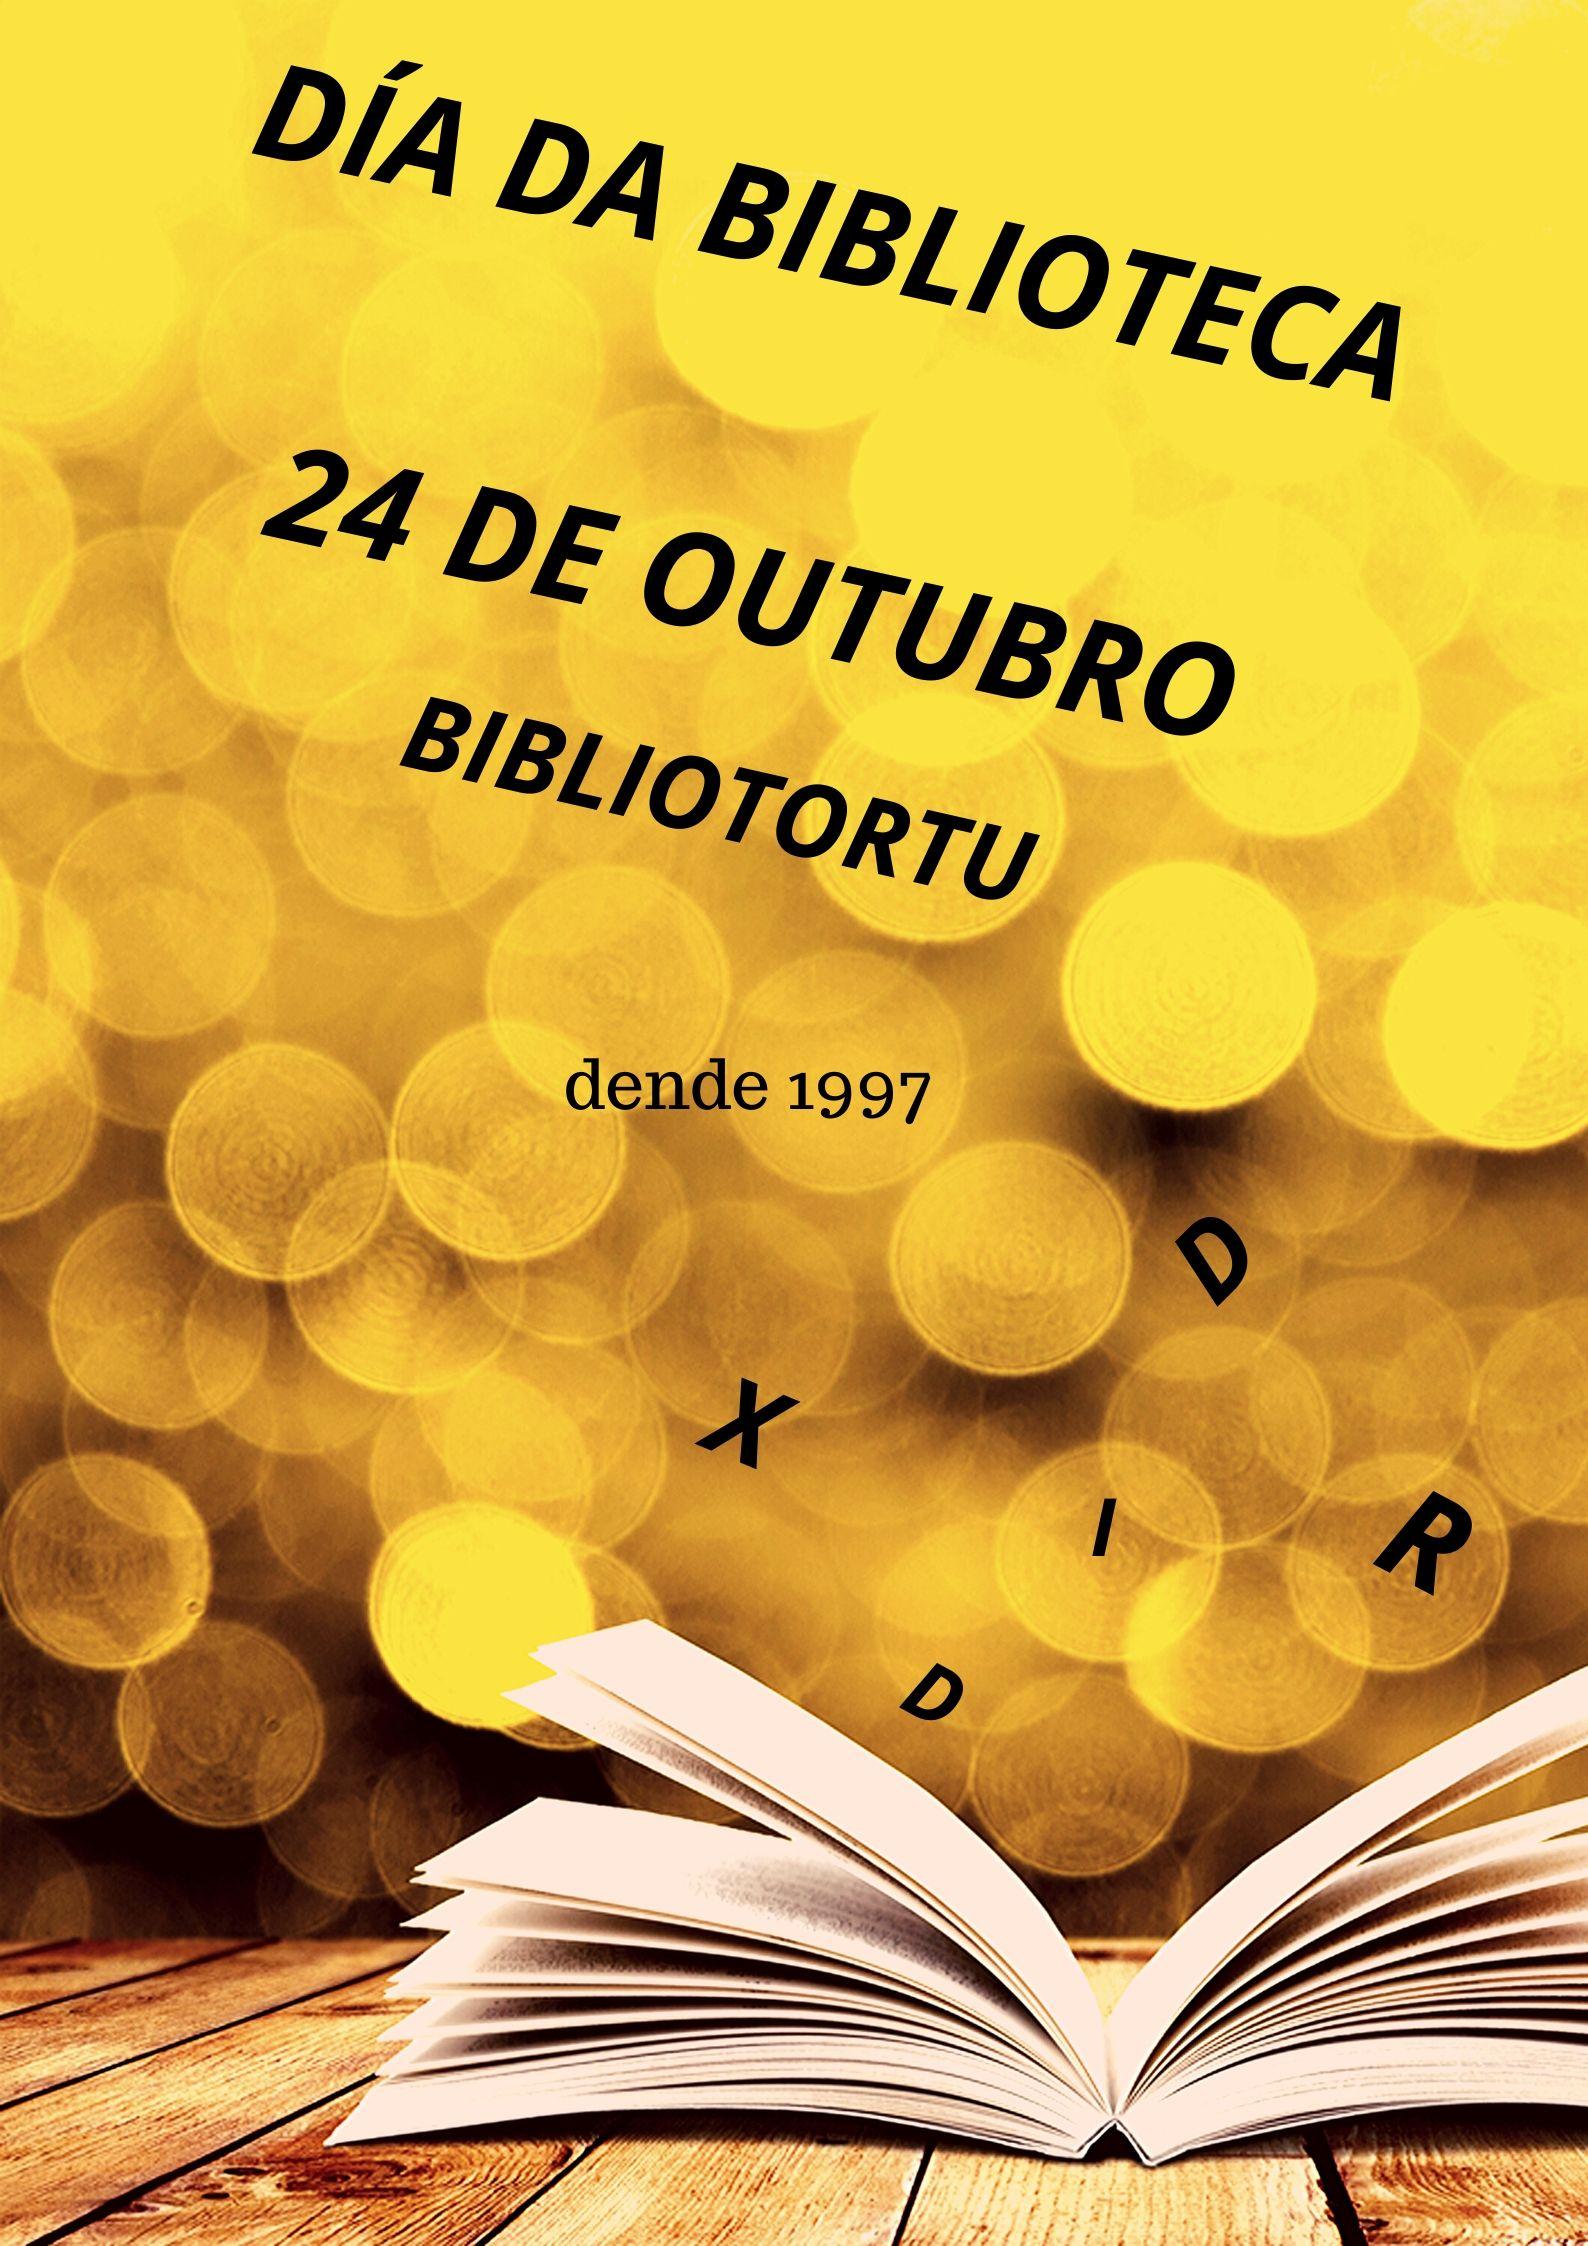 24 de outubro, Día da Biblioteca